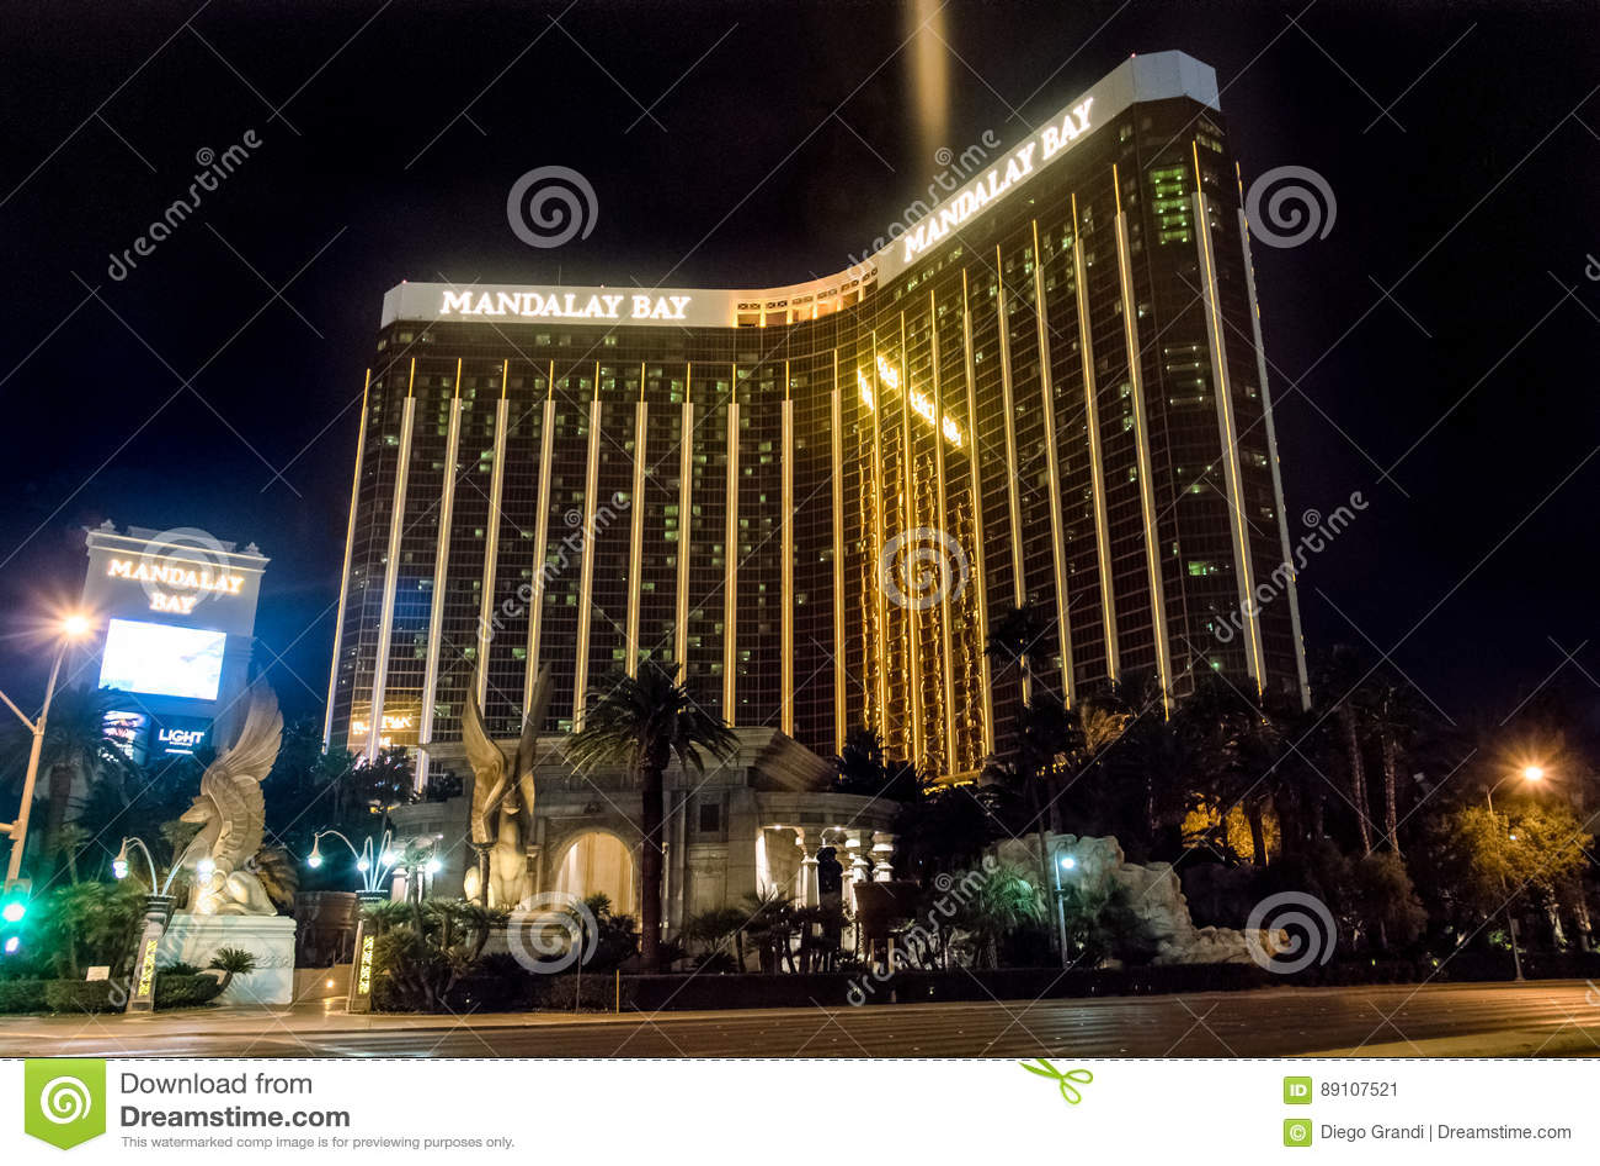 Ξενοδοχείο και χαρτοπαικτική λέσχη κόλπων του Mandalay τη νύχτα - Λας Βέγκας, Νεβάδα, ΗΠΑ